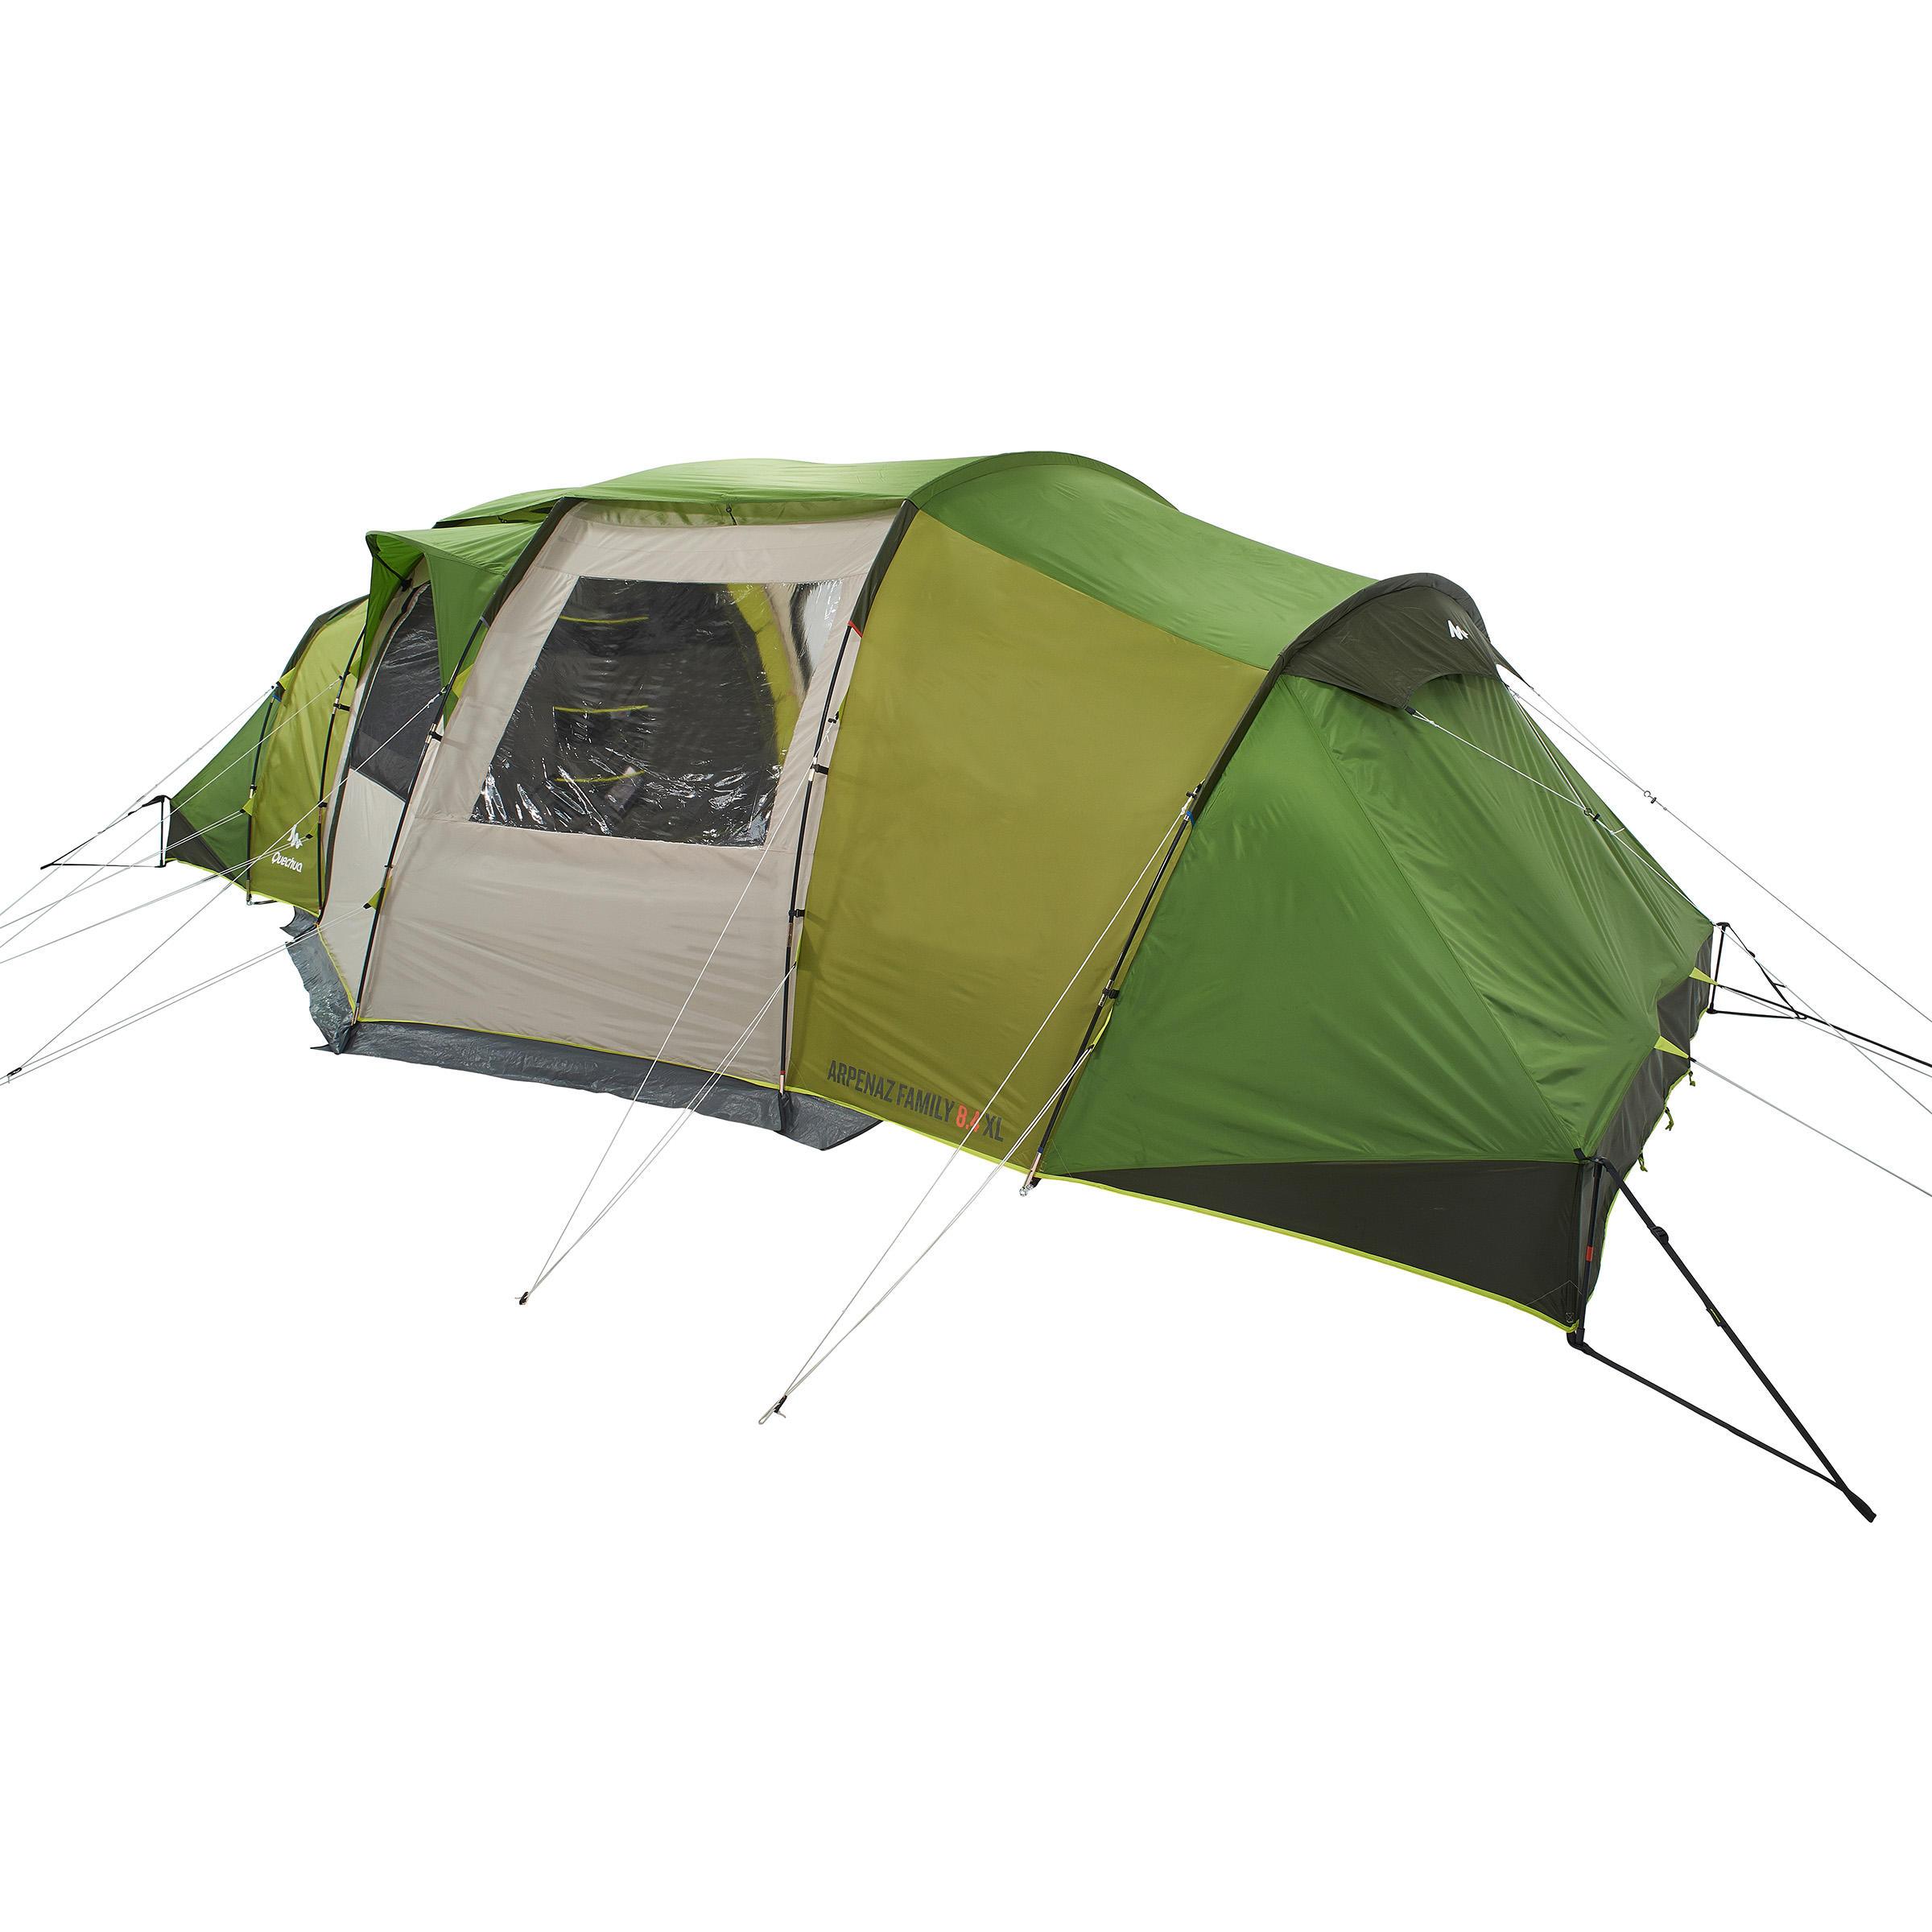 Quechua Tent 8 personen met boogskelet Arpenaz 8.4 | 4 slaapcompartimenten